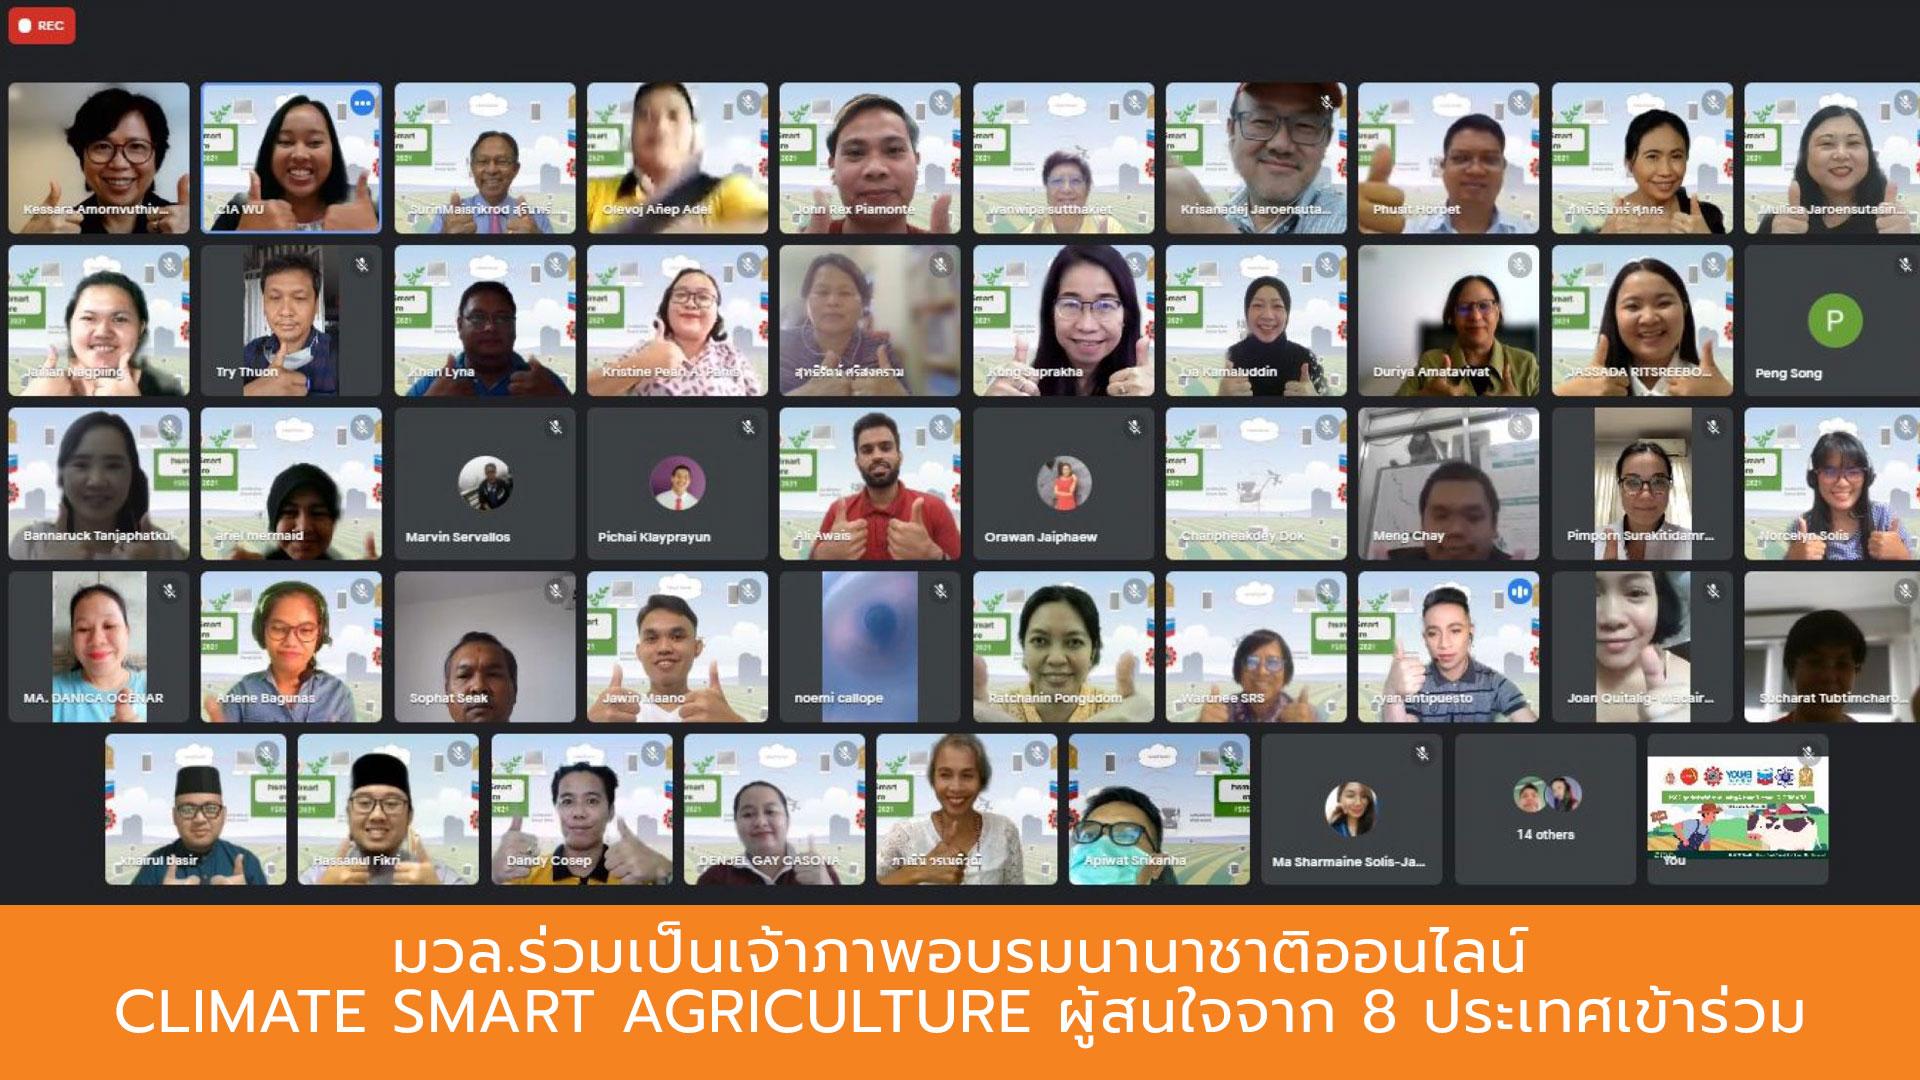 มวล.ร่วมเป็นเจ้าภาพอบรมนานาชาติออนไลน์ Climate Smart Agriculture ผู้สนใจจาก 8 ประเทศเข้าร่วม